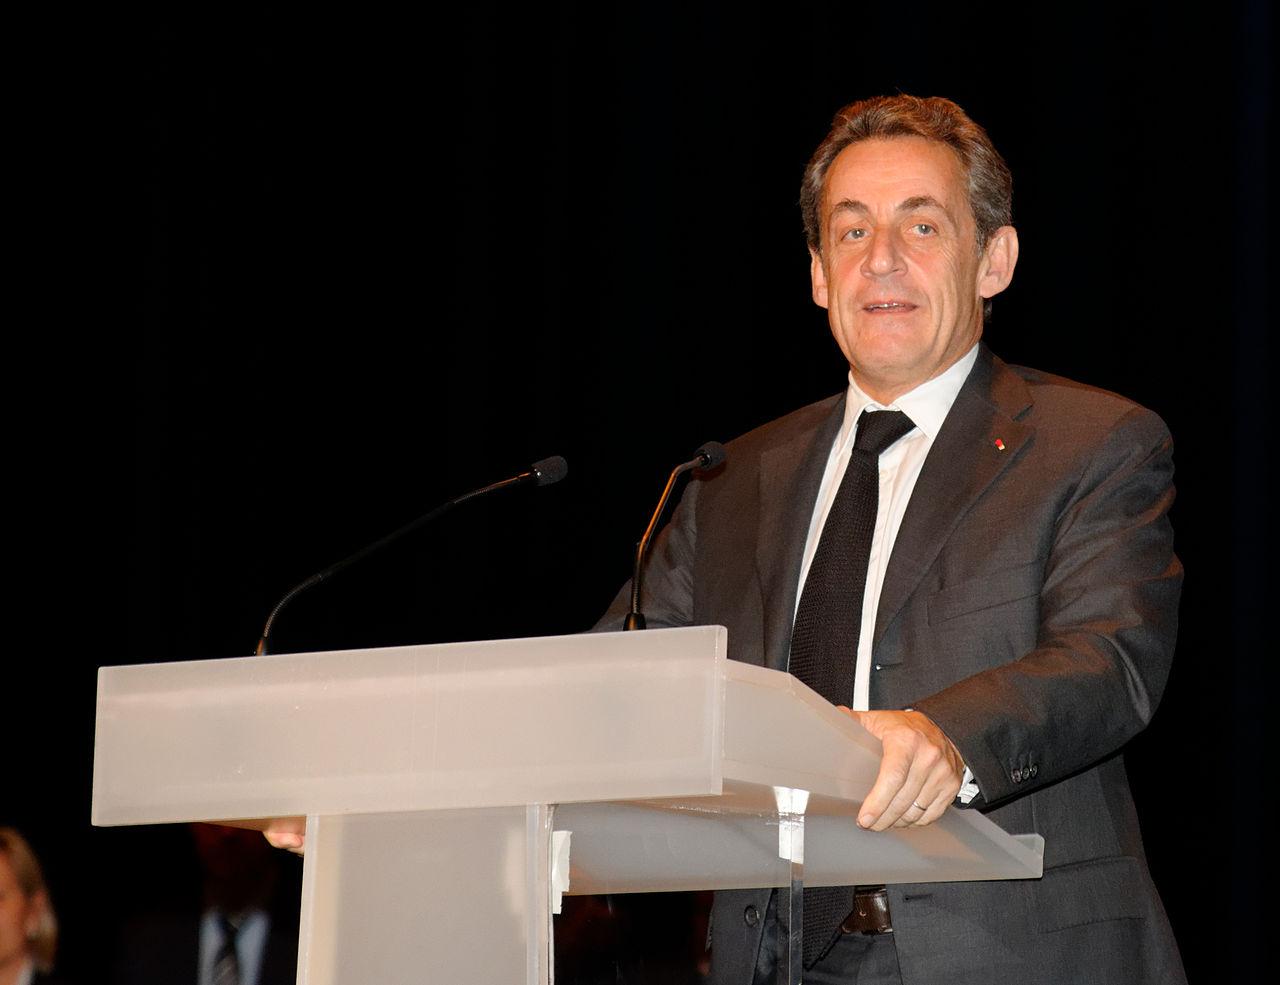 Nicolas Sarkozy mistænkes for at have brugt flere penge end tilladt til sin valgkampagne i 2012. Foto: Thomas Bresson (CC BY 3.0)